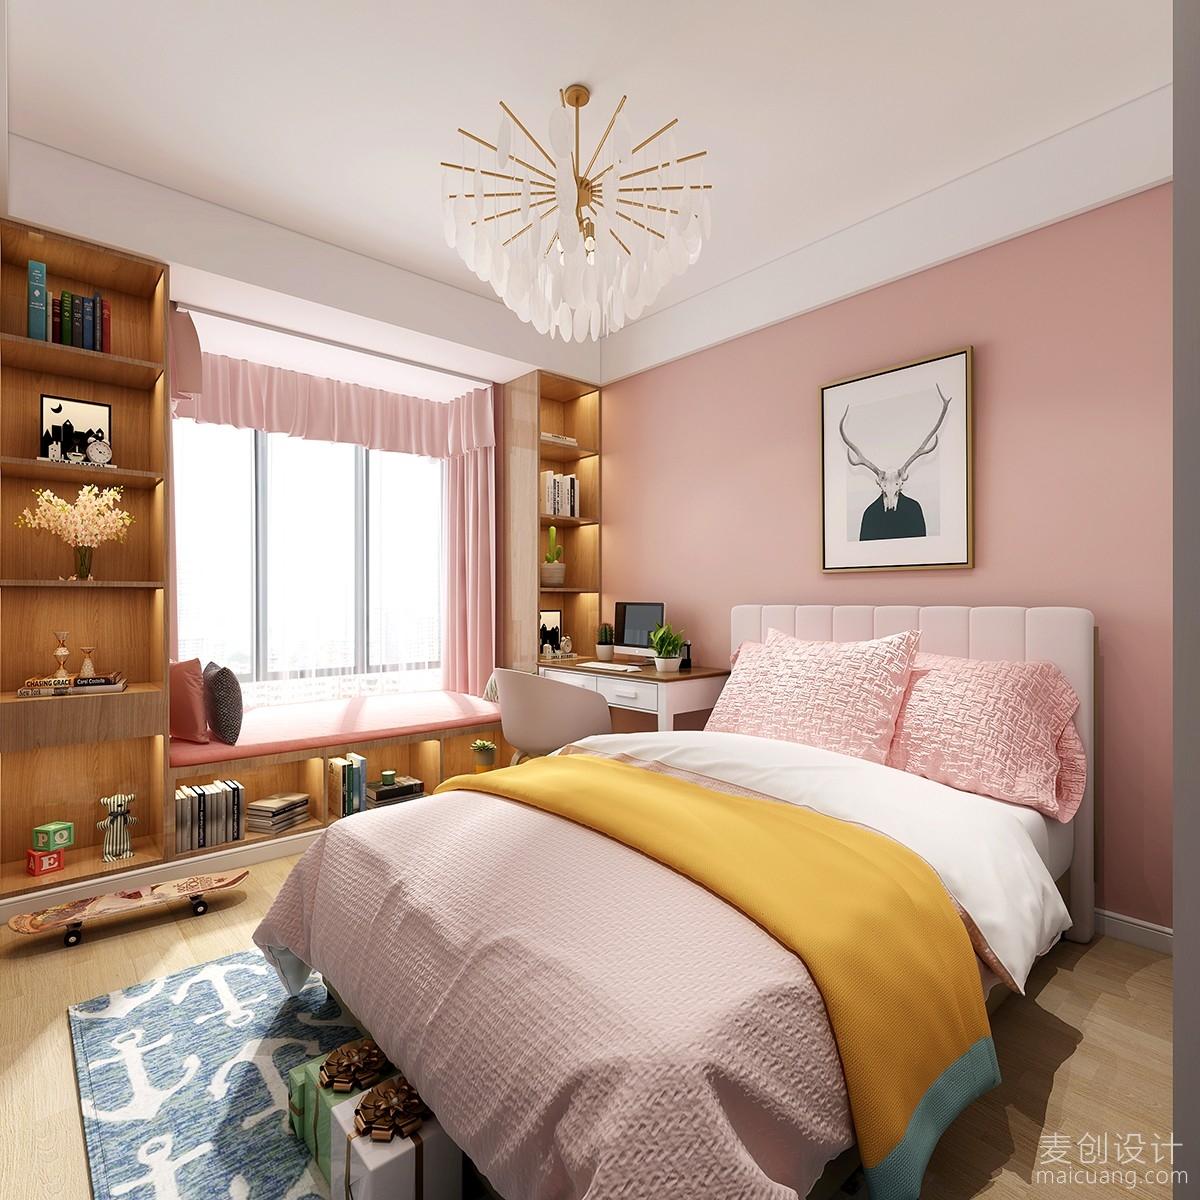 女孩房间北欧风格装修设计效果图